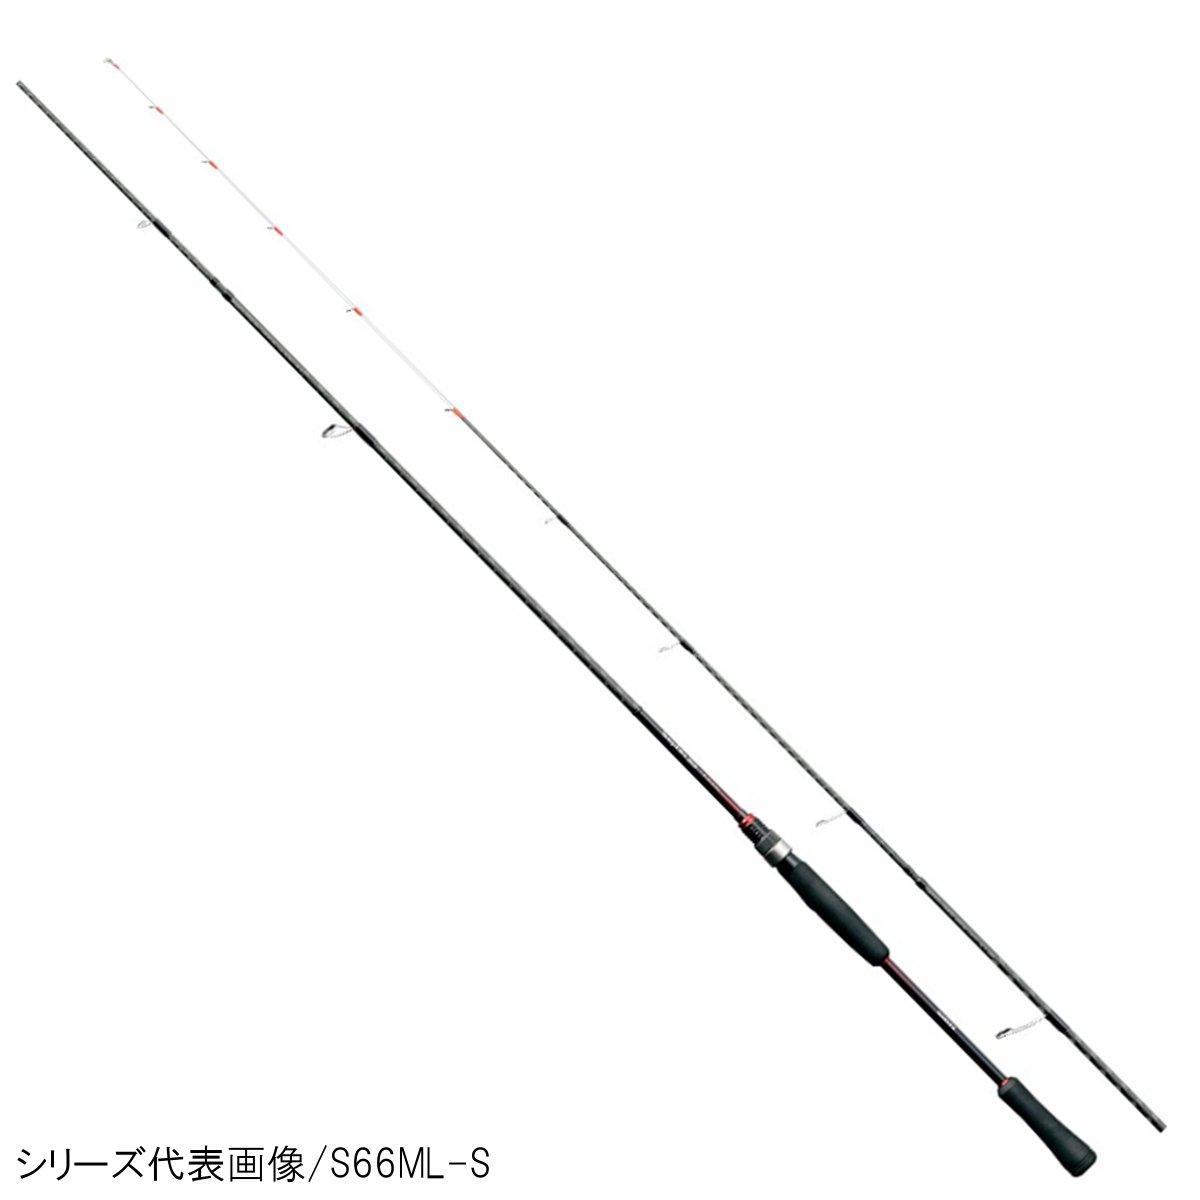 シマノ セフィア BB ティップエギング S70ML-S【送料無料】